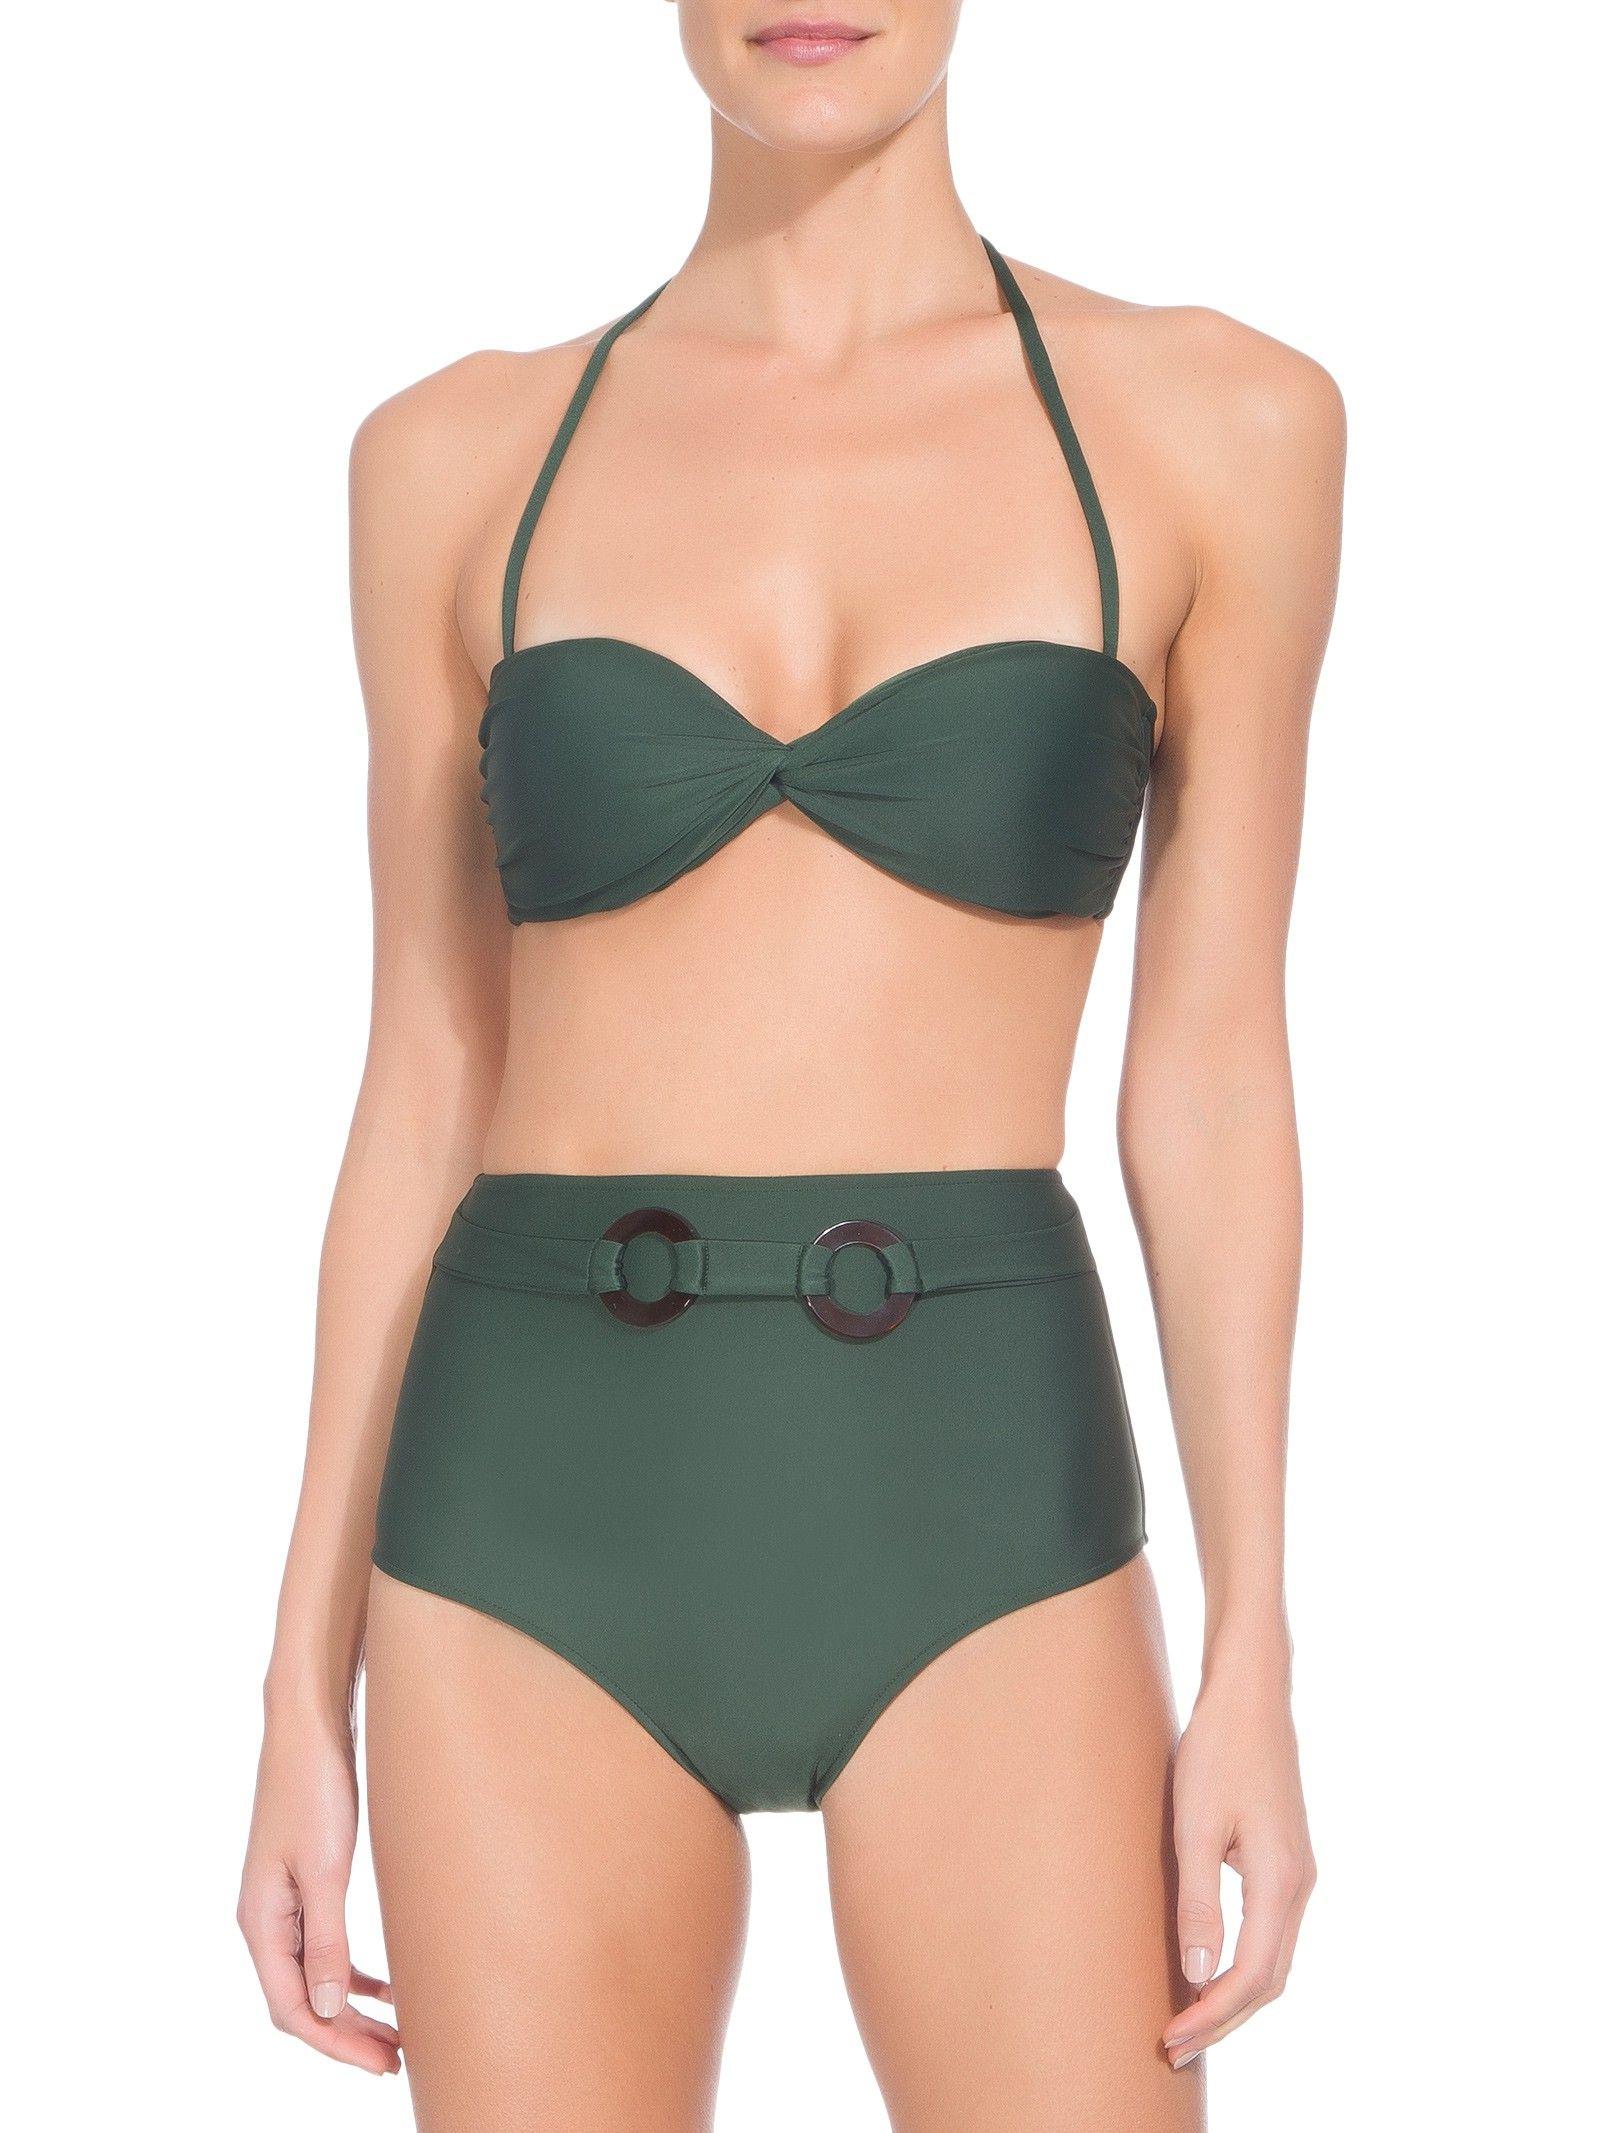 91a2723b6182 Biquíni Hot Pants - Adriana Degreas - Verde - Shop2gether | Vacay em ...